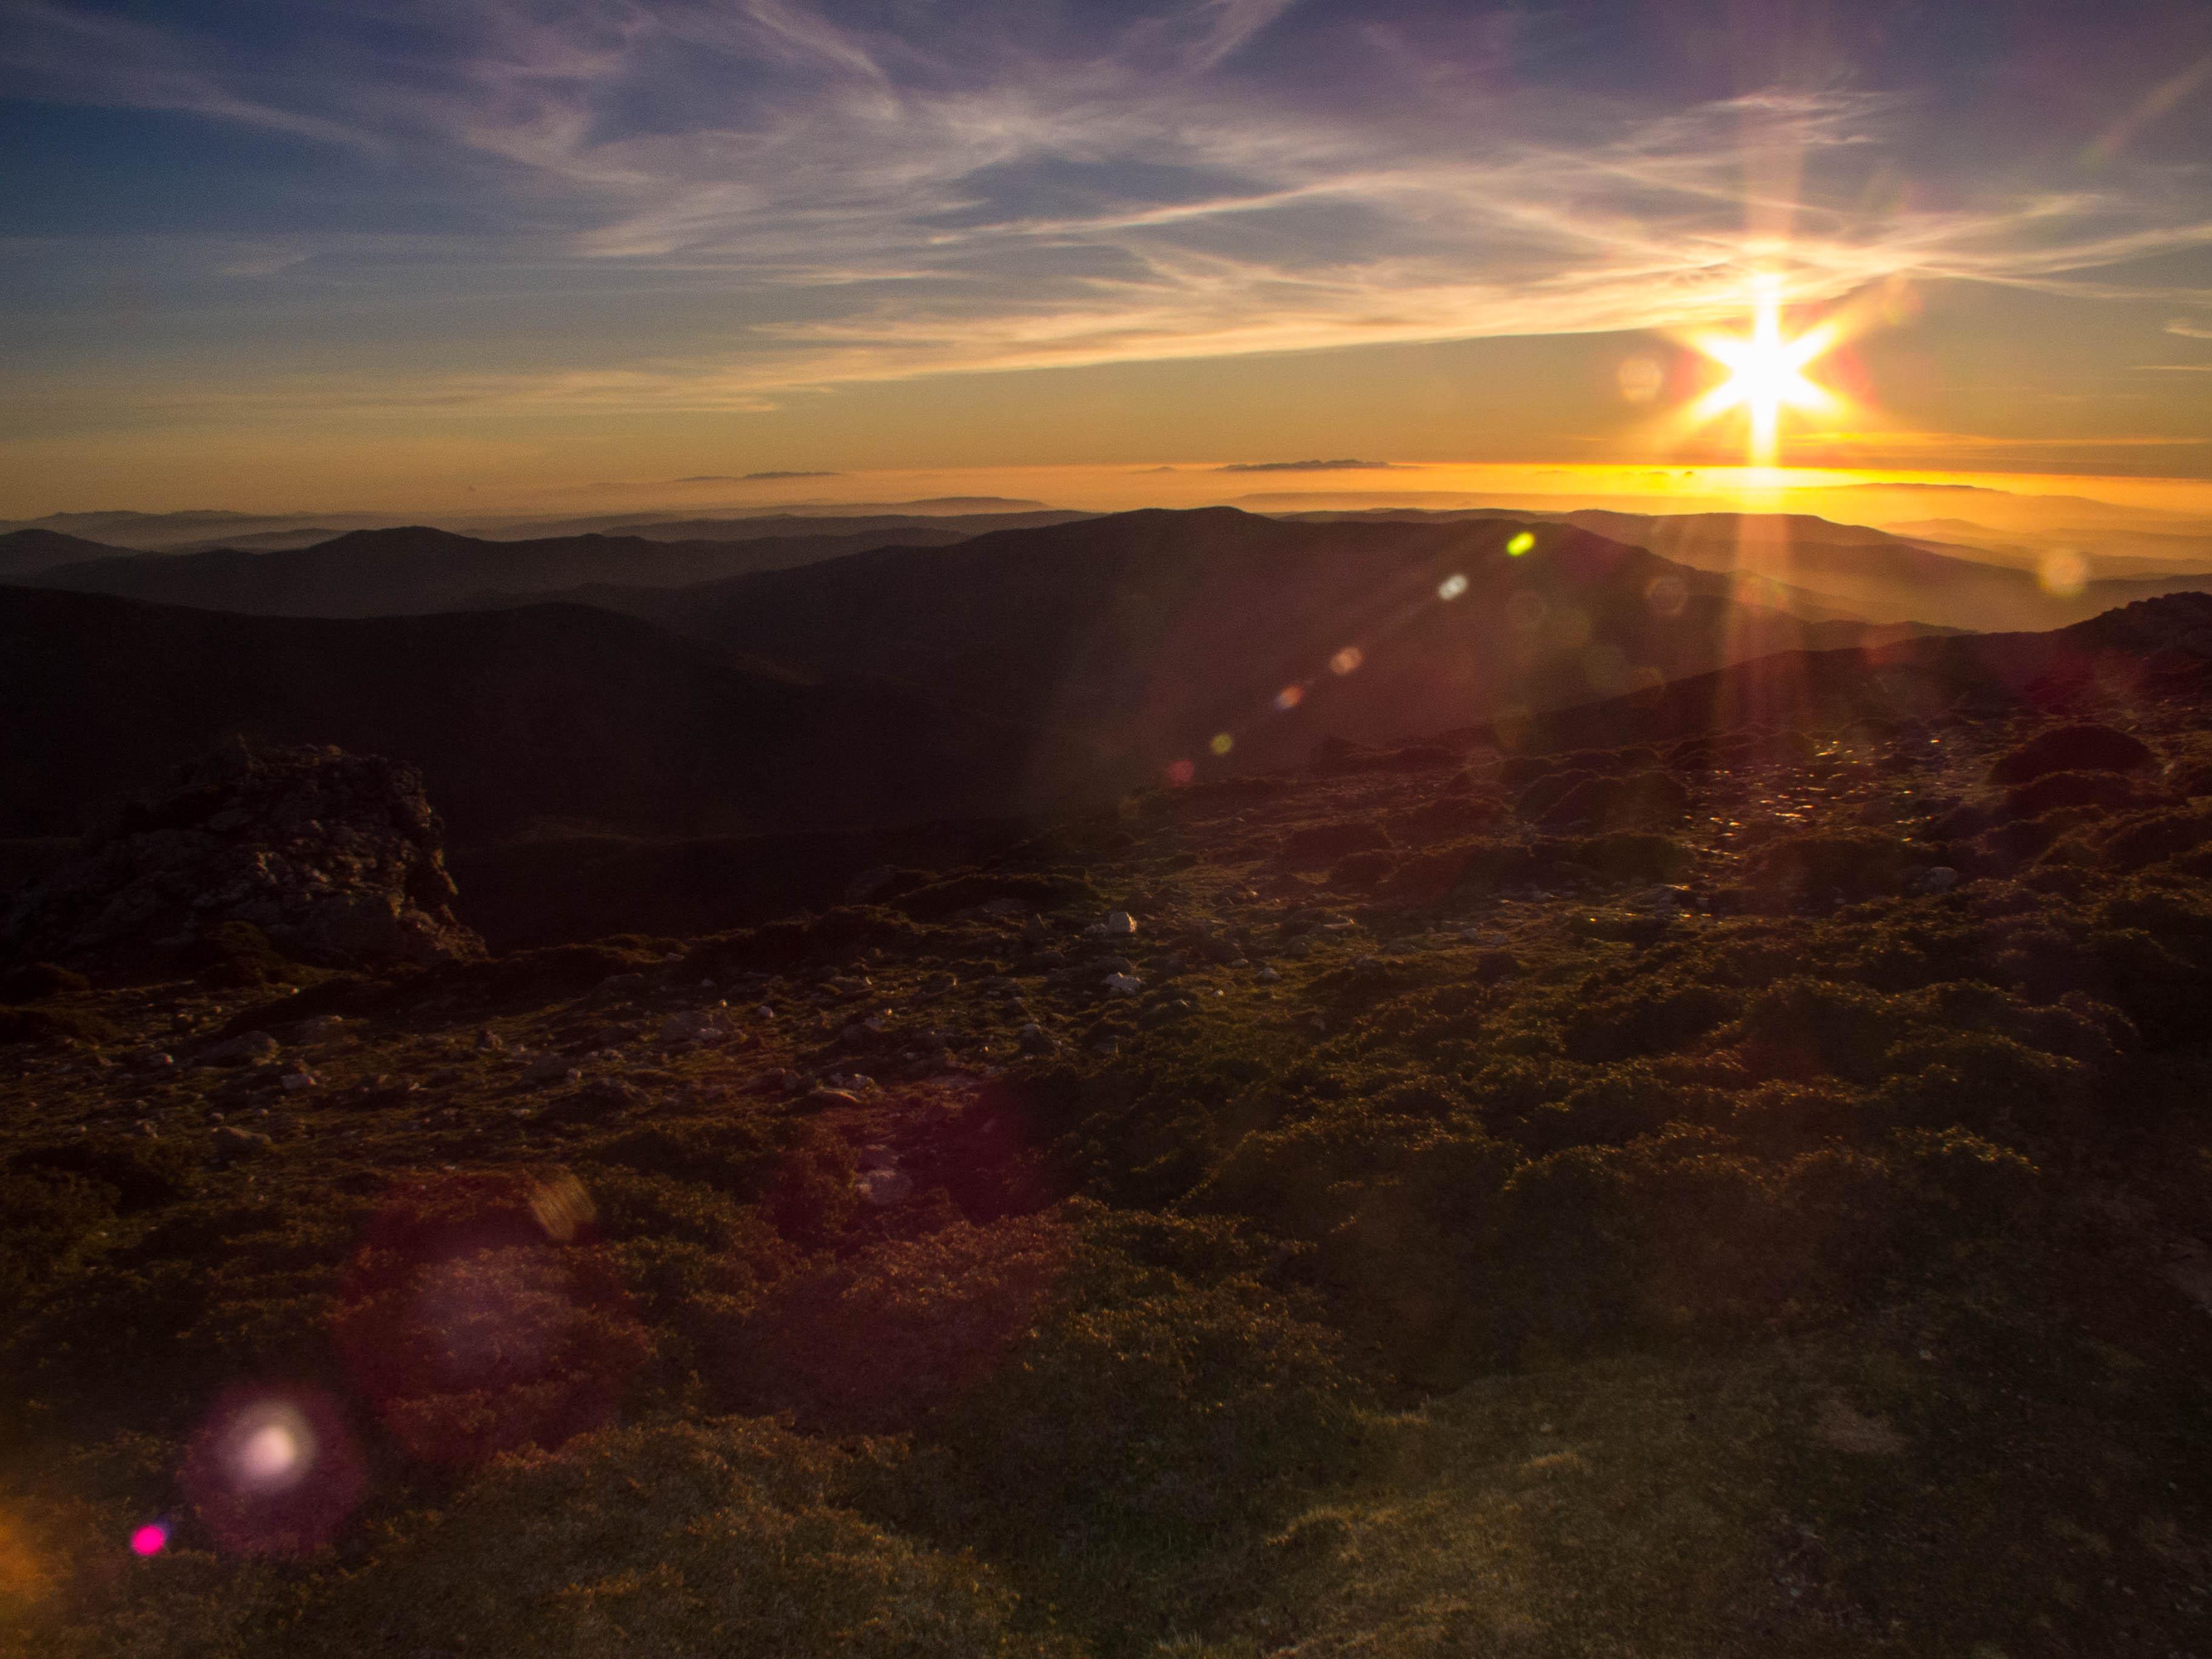 Quasi al tramonto, ecco le nebbie avvolgere valli e pianure in direzione Campidano.